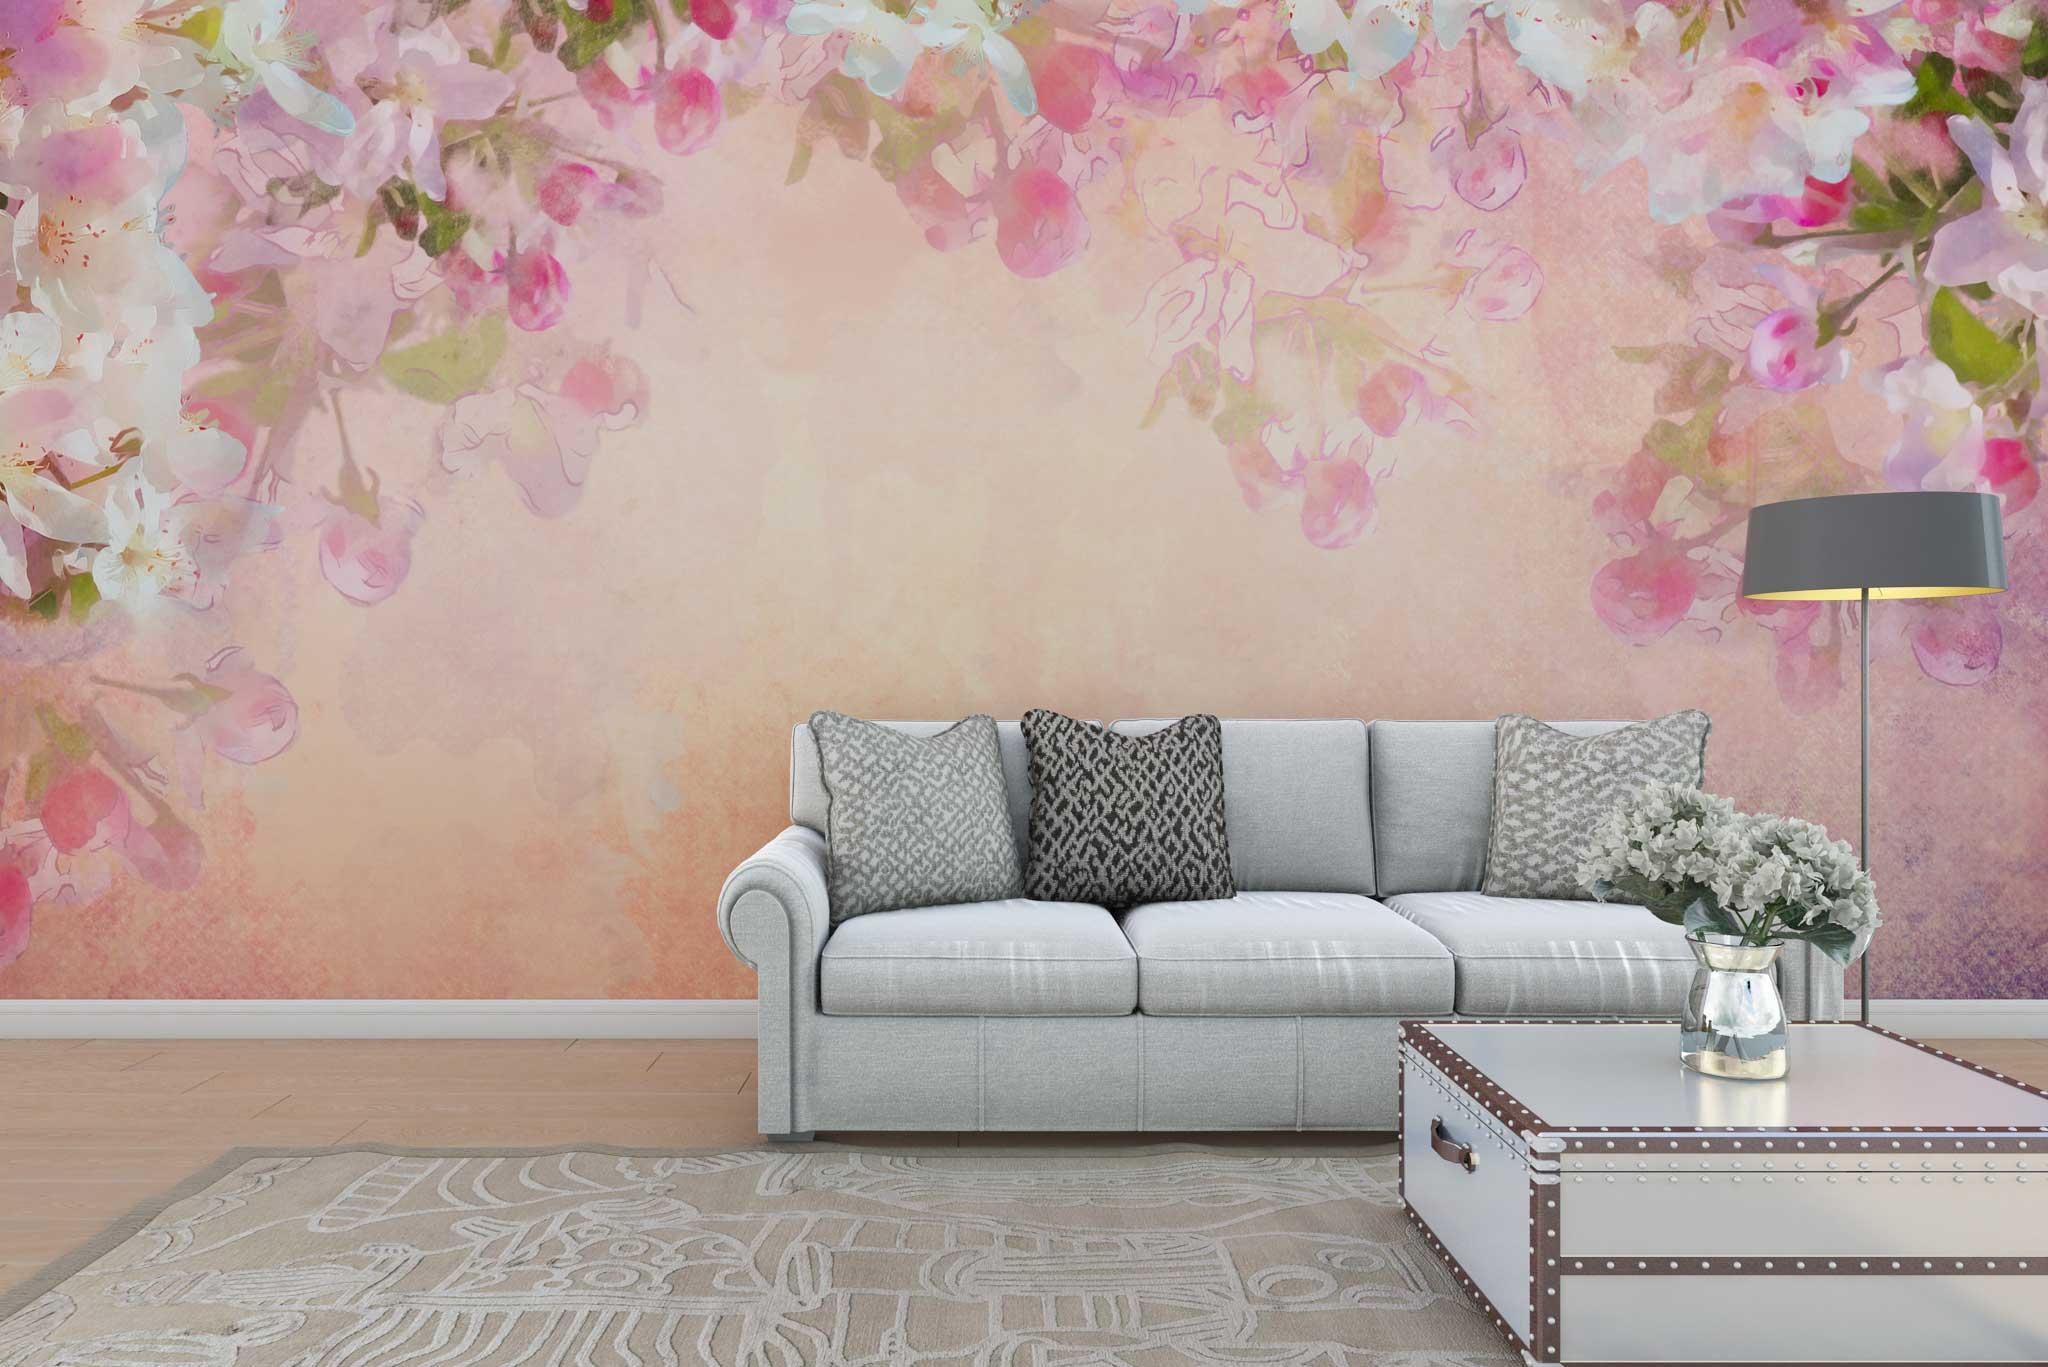 tapet-fototapet-personalizat-comanda-bucuresti-model-flori-liliac-roz-perete-lux-special